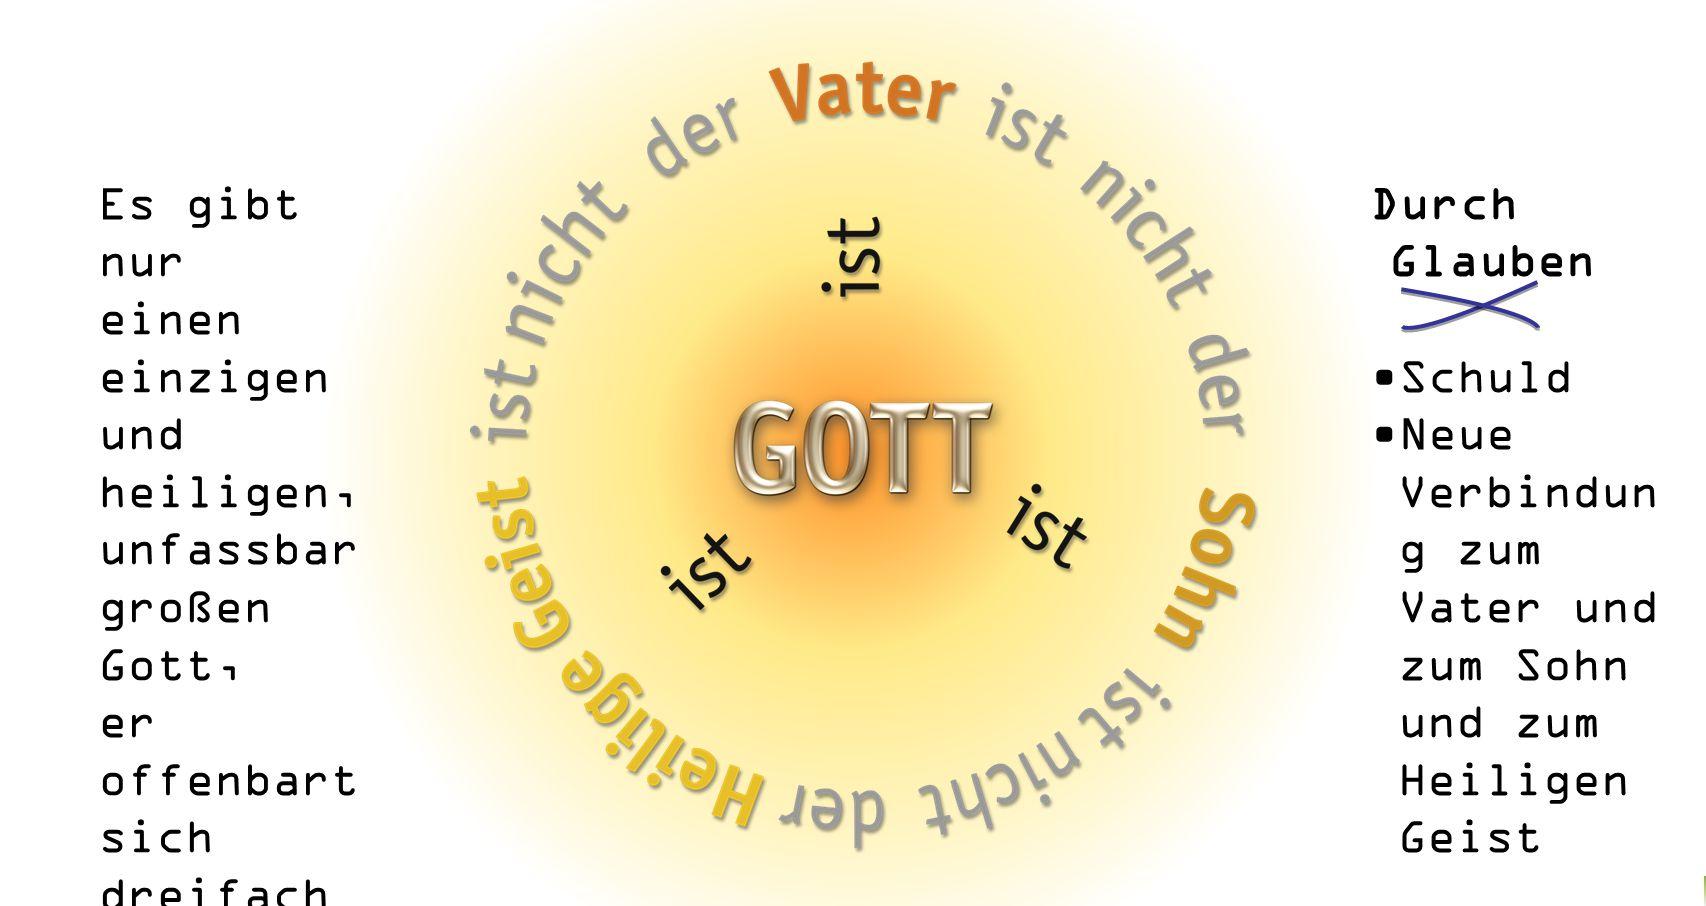 9 Es gibt nur einen einzigen und heiligen, unfassbar großen Gott, er offenbart sich dreifach und rettet durch Glauben.